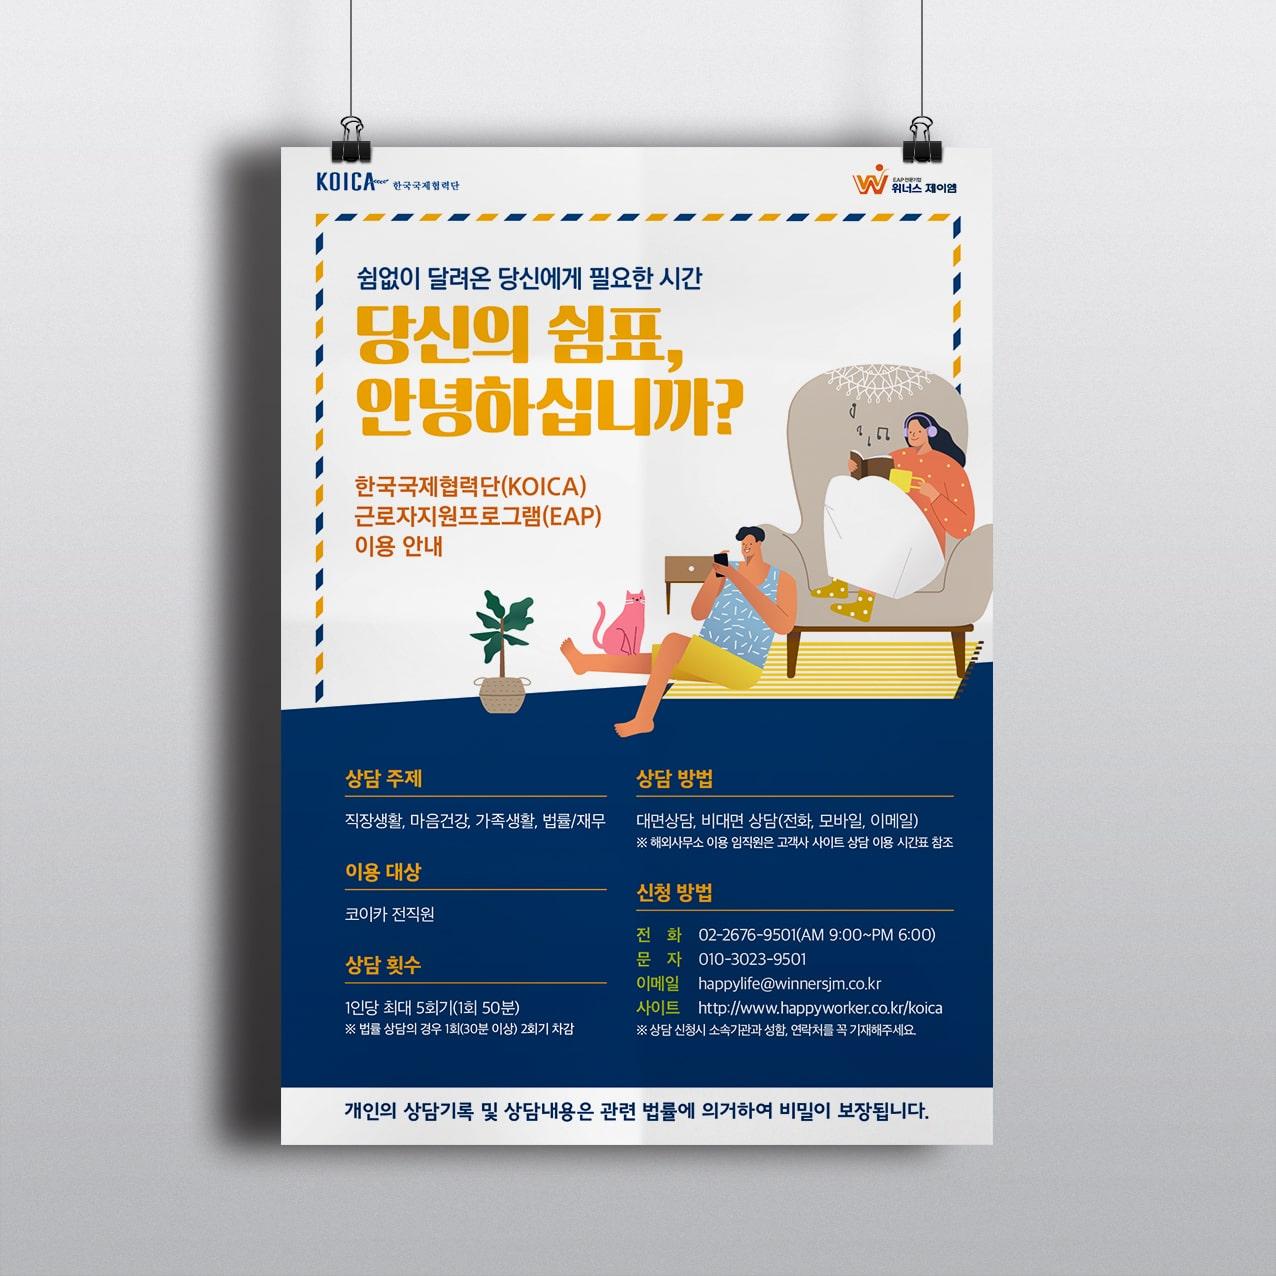 당신의 쉼표, 안녕하십니까? 한국 국제 협력단 KOICA 근로자지원프로그램 이용안내 포스터 디자인 시안 - 위너스제이엠